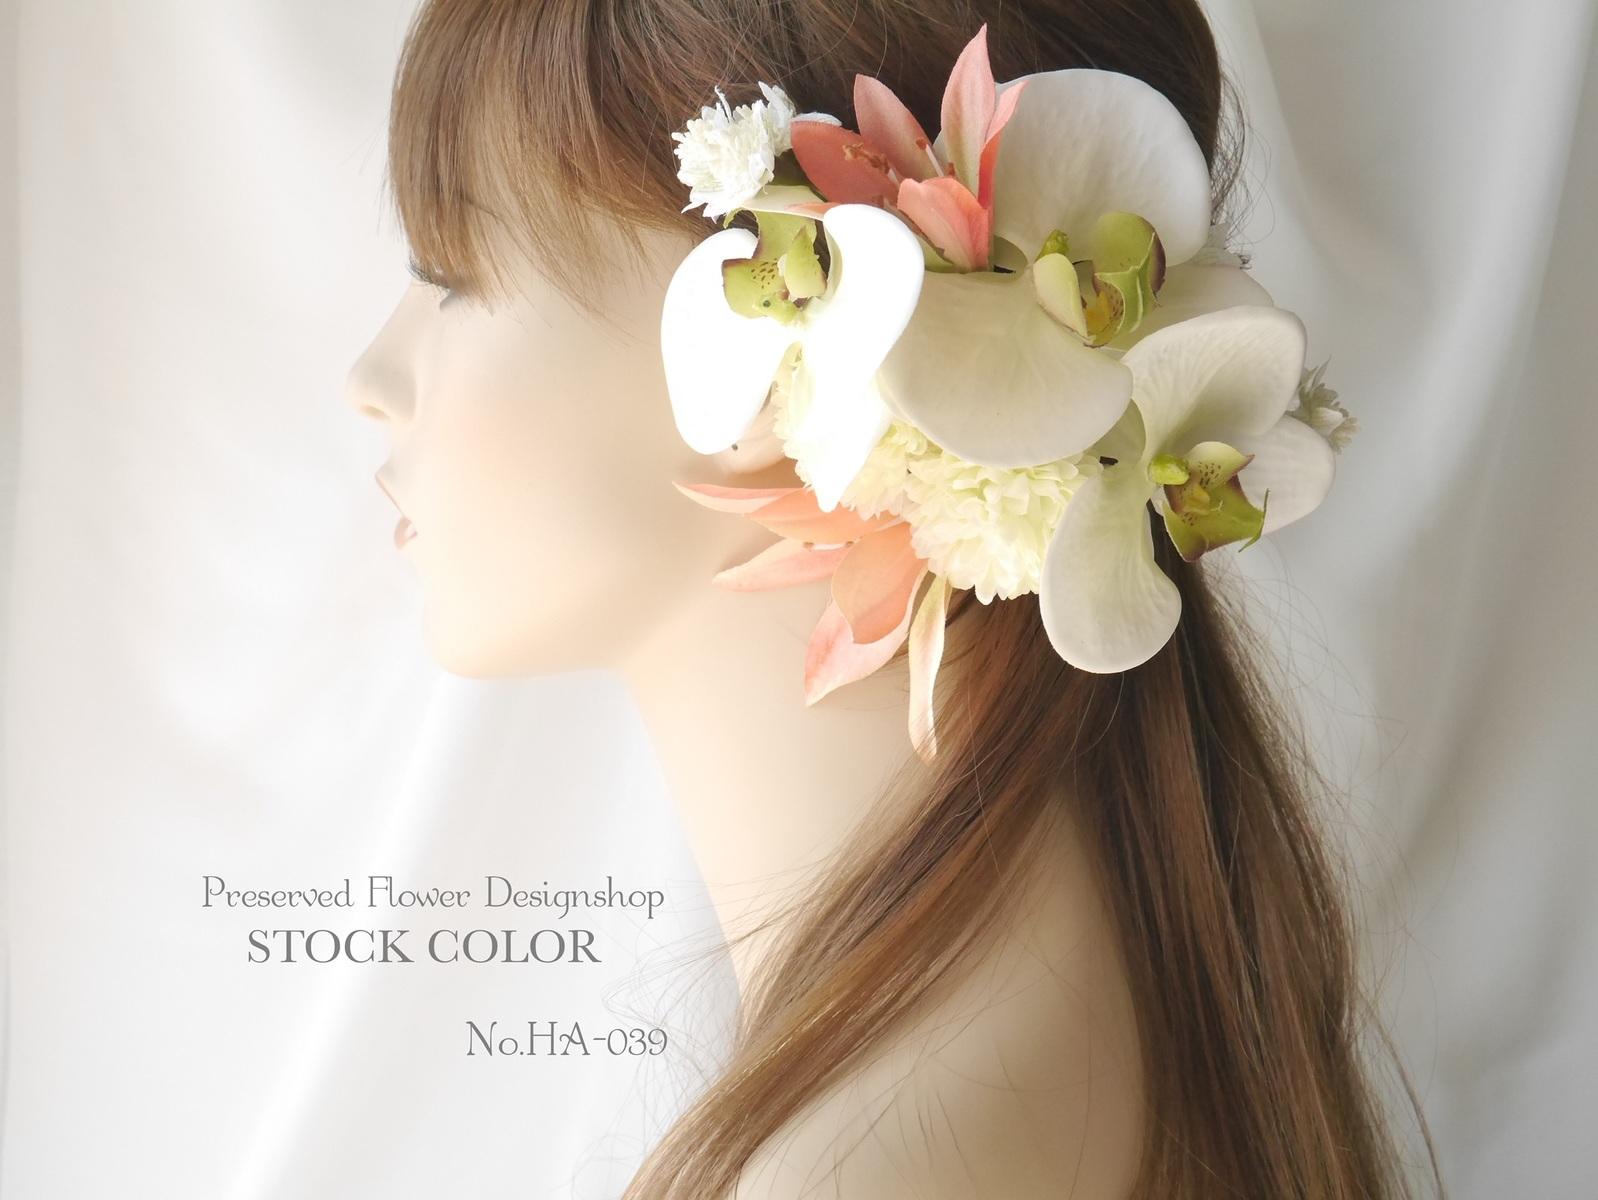 コチョウランとオレンジリリーの髪飾り*ヘッドドレス/ヘアアクセサリー【成人式や結婚式に】